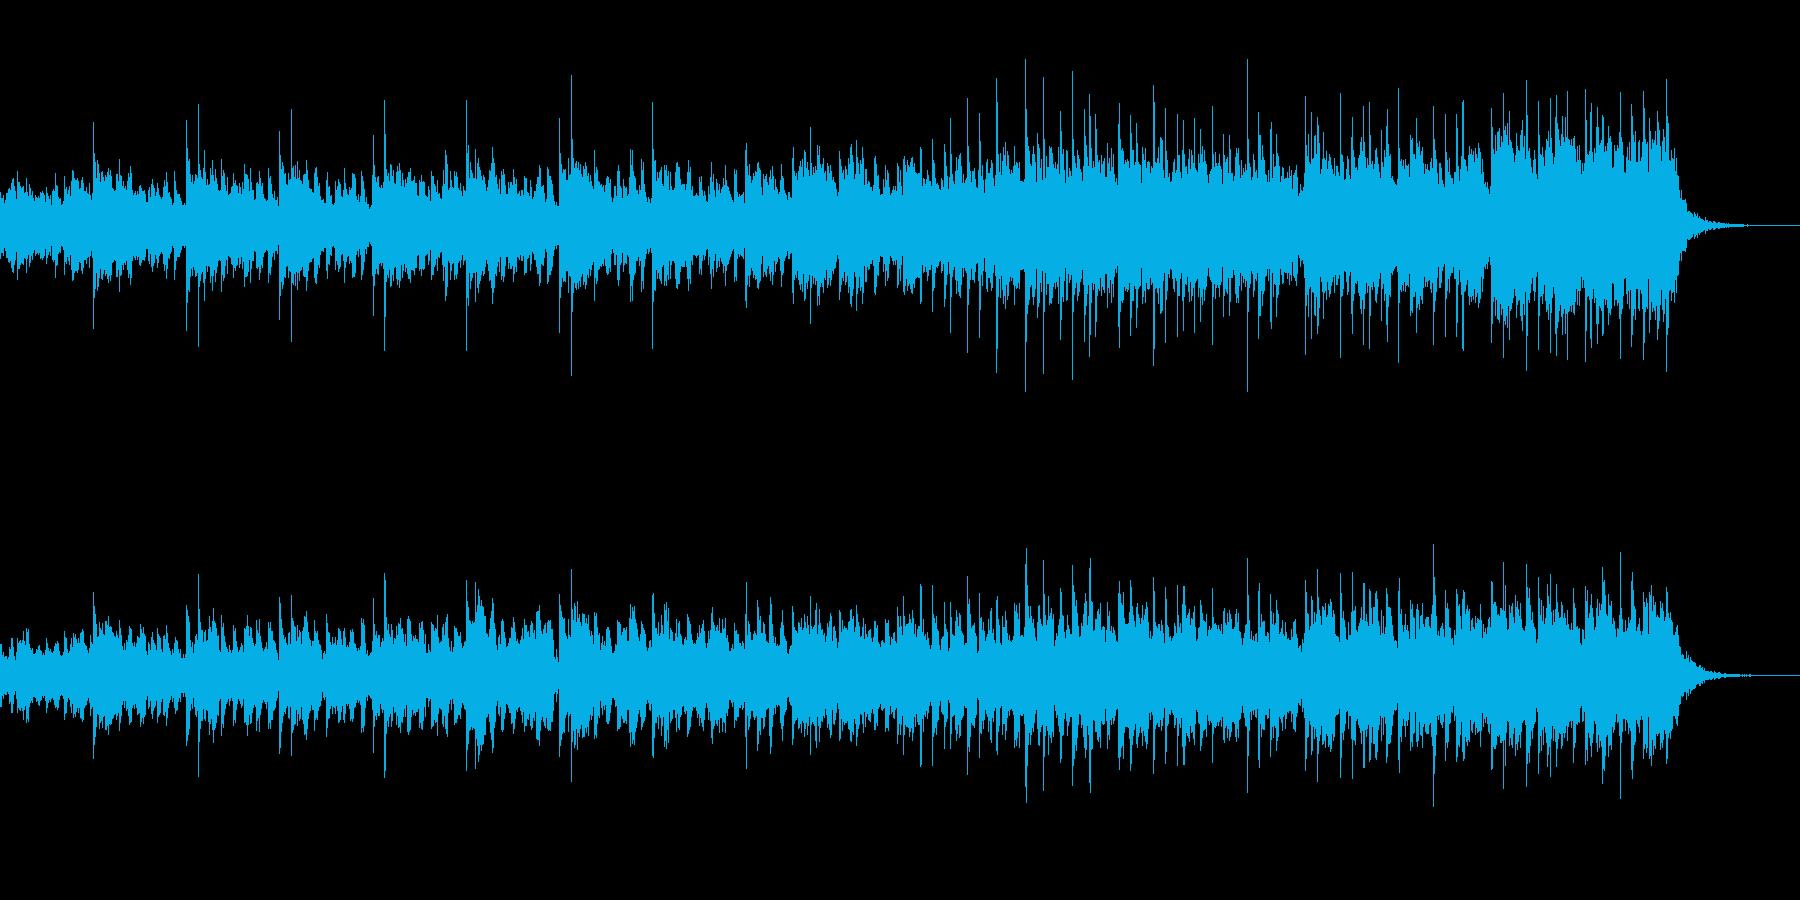 独特な雰囲気のある氷のステージ曲の再生済みの波形